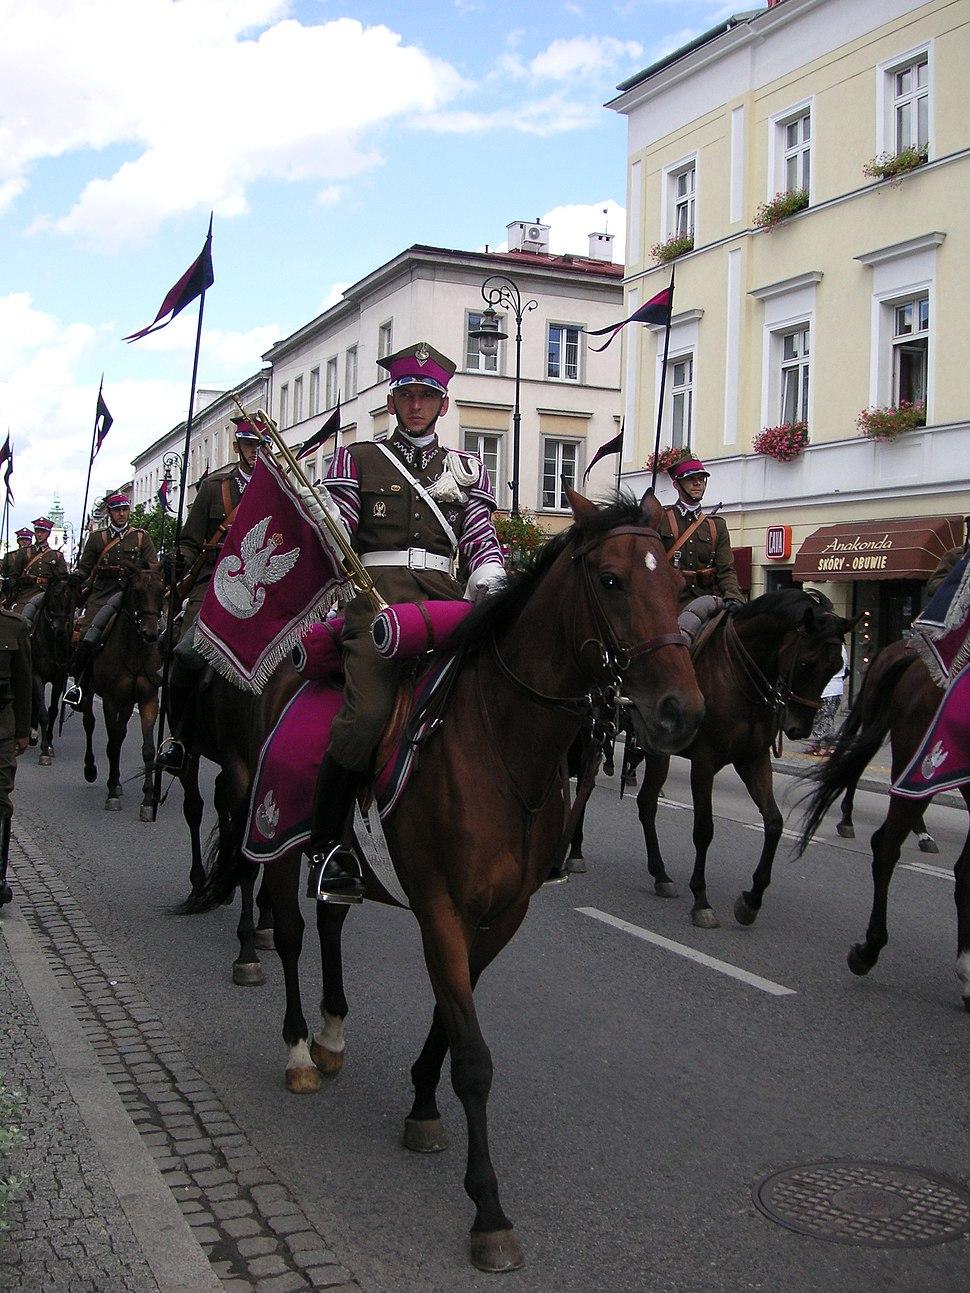 Warsaw Cavalry parade 2